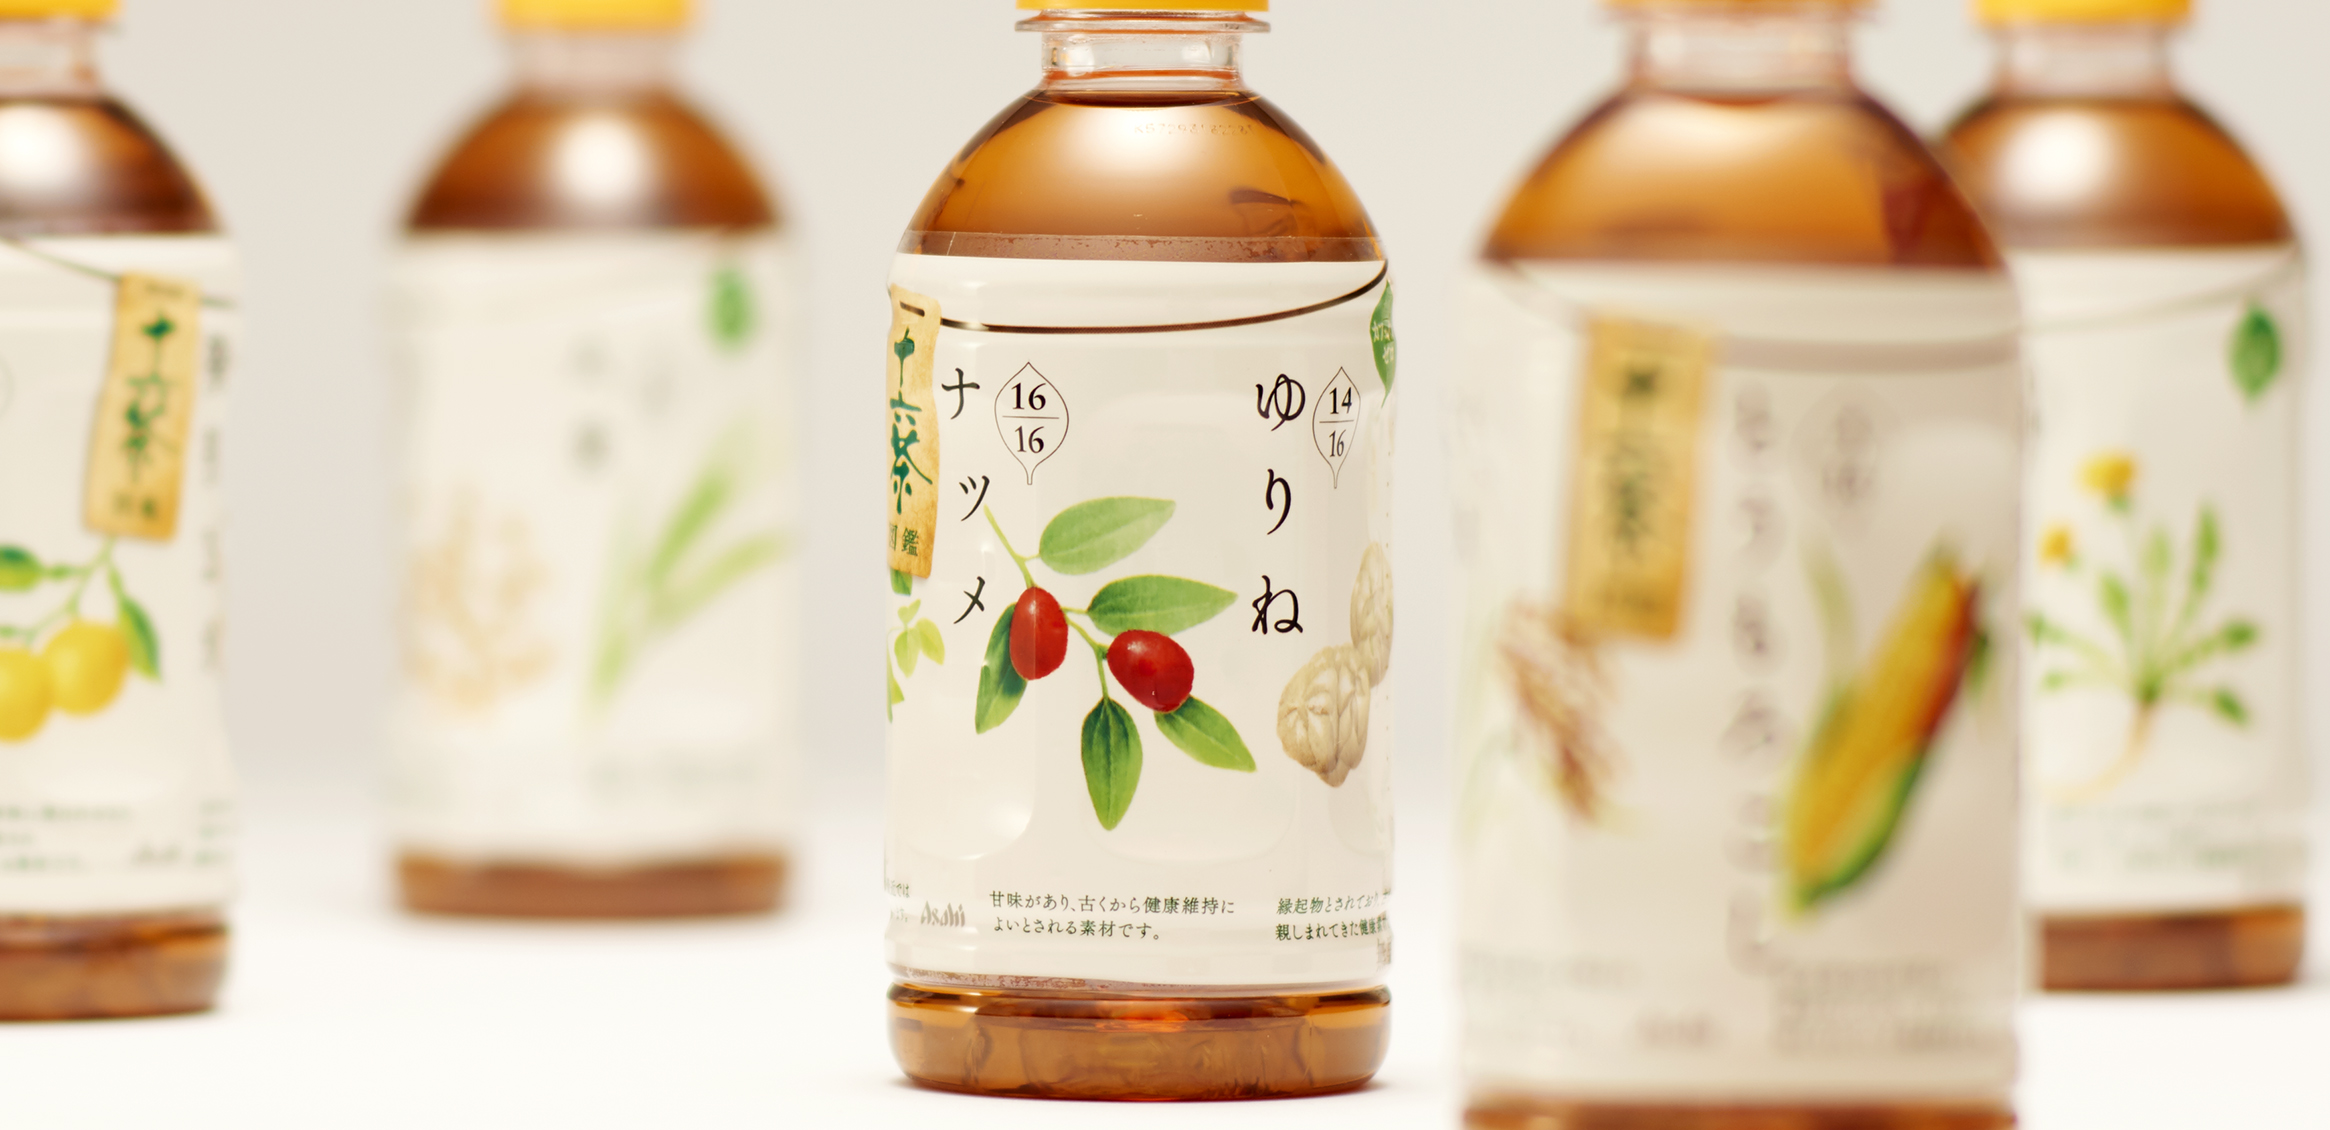 十六茶 LOHACO限定ボトル1枚目